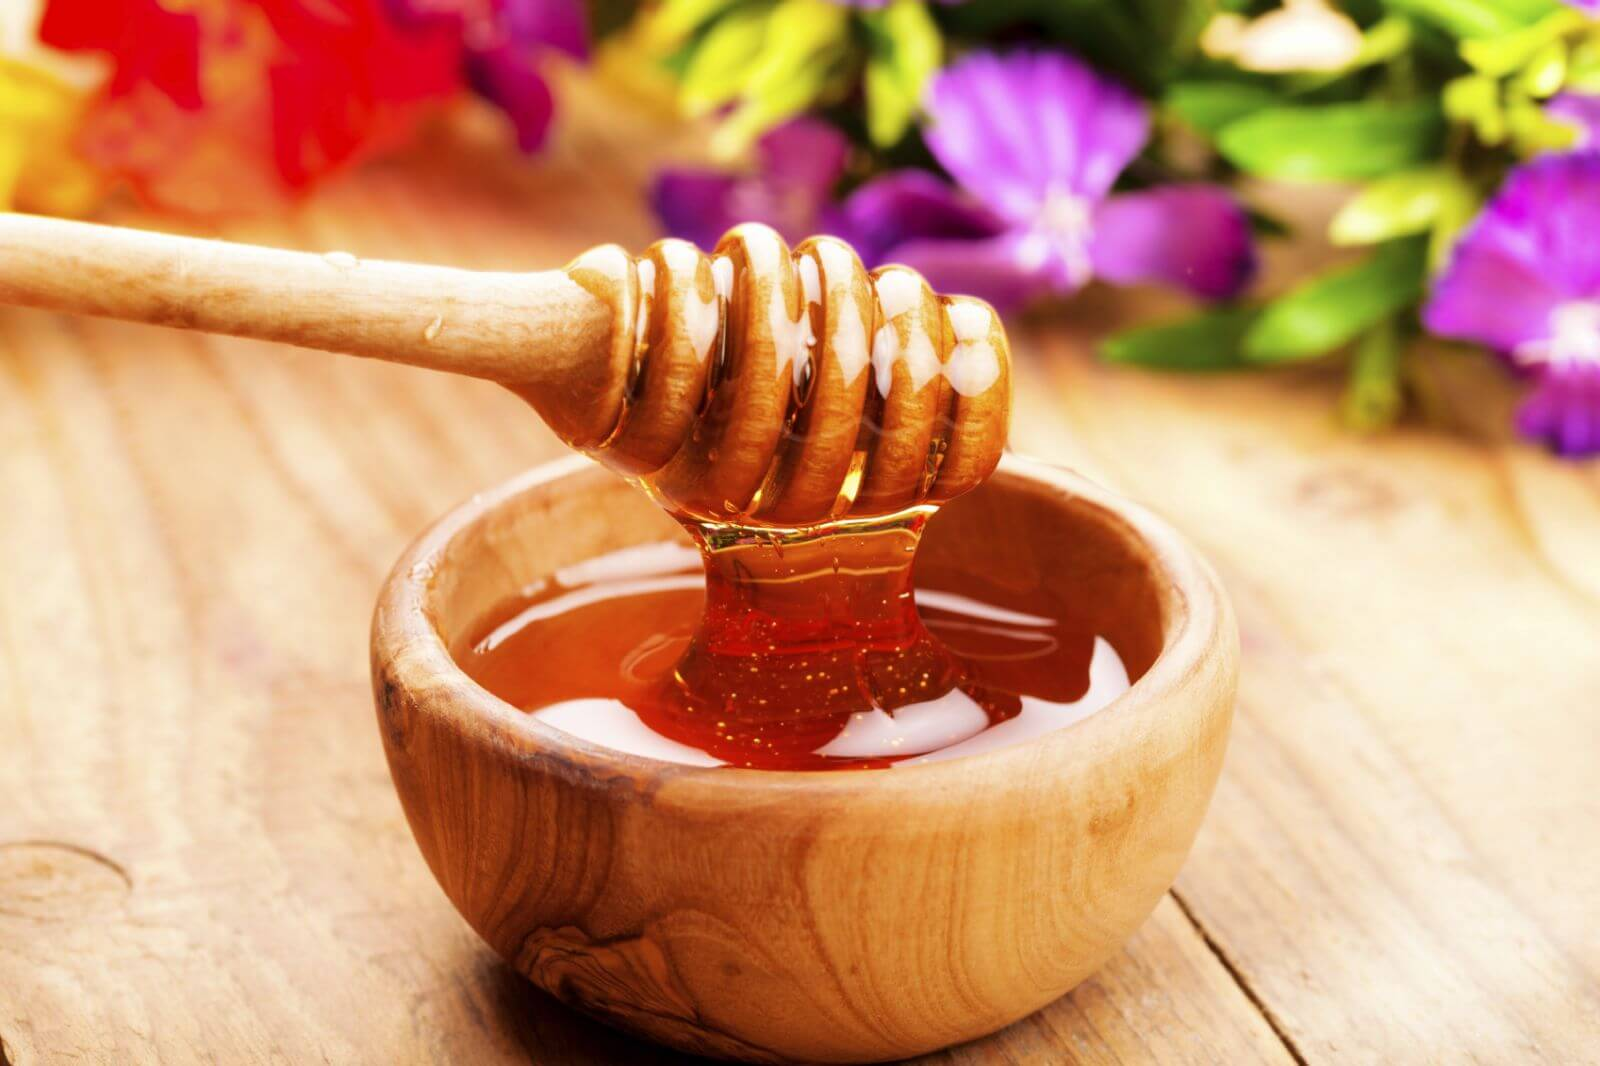 5 nguyên liệu tự nhiên giúp làm sạch da hiệu quả không kém gì nước tẩy trang